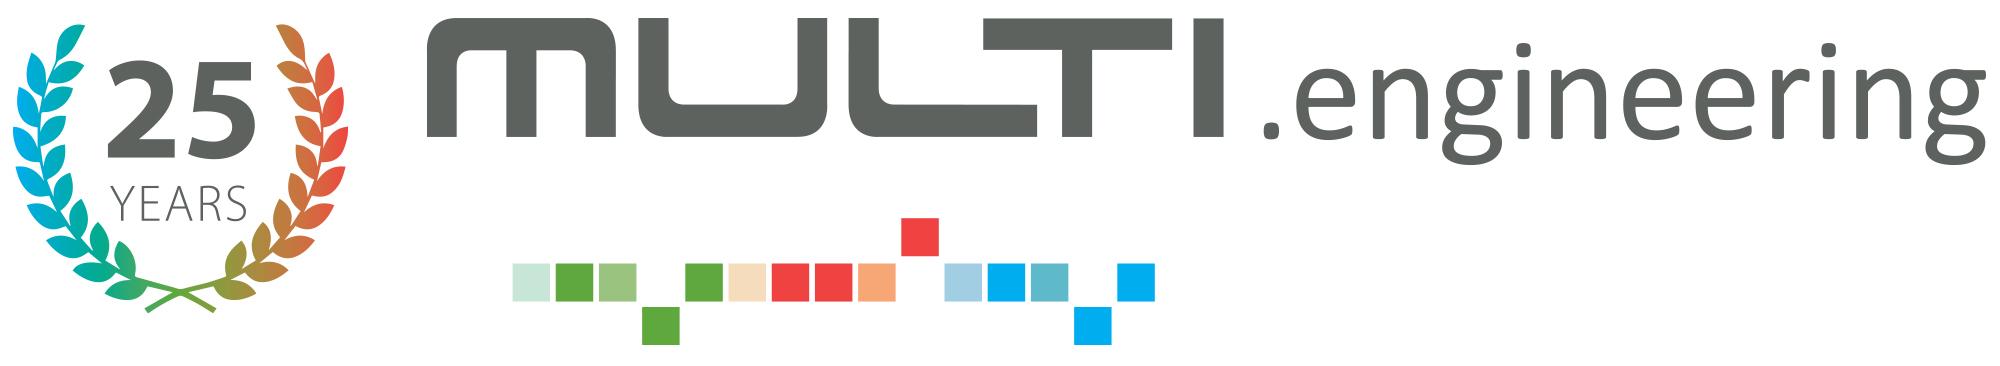 MULTI_logo_25YRS_FINAL_2000px